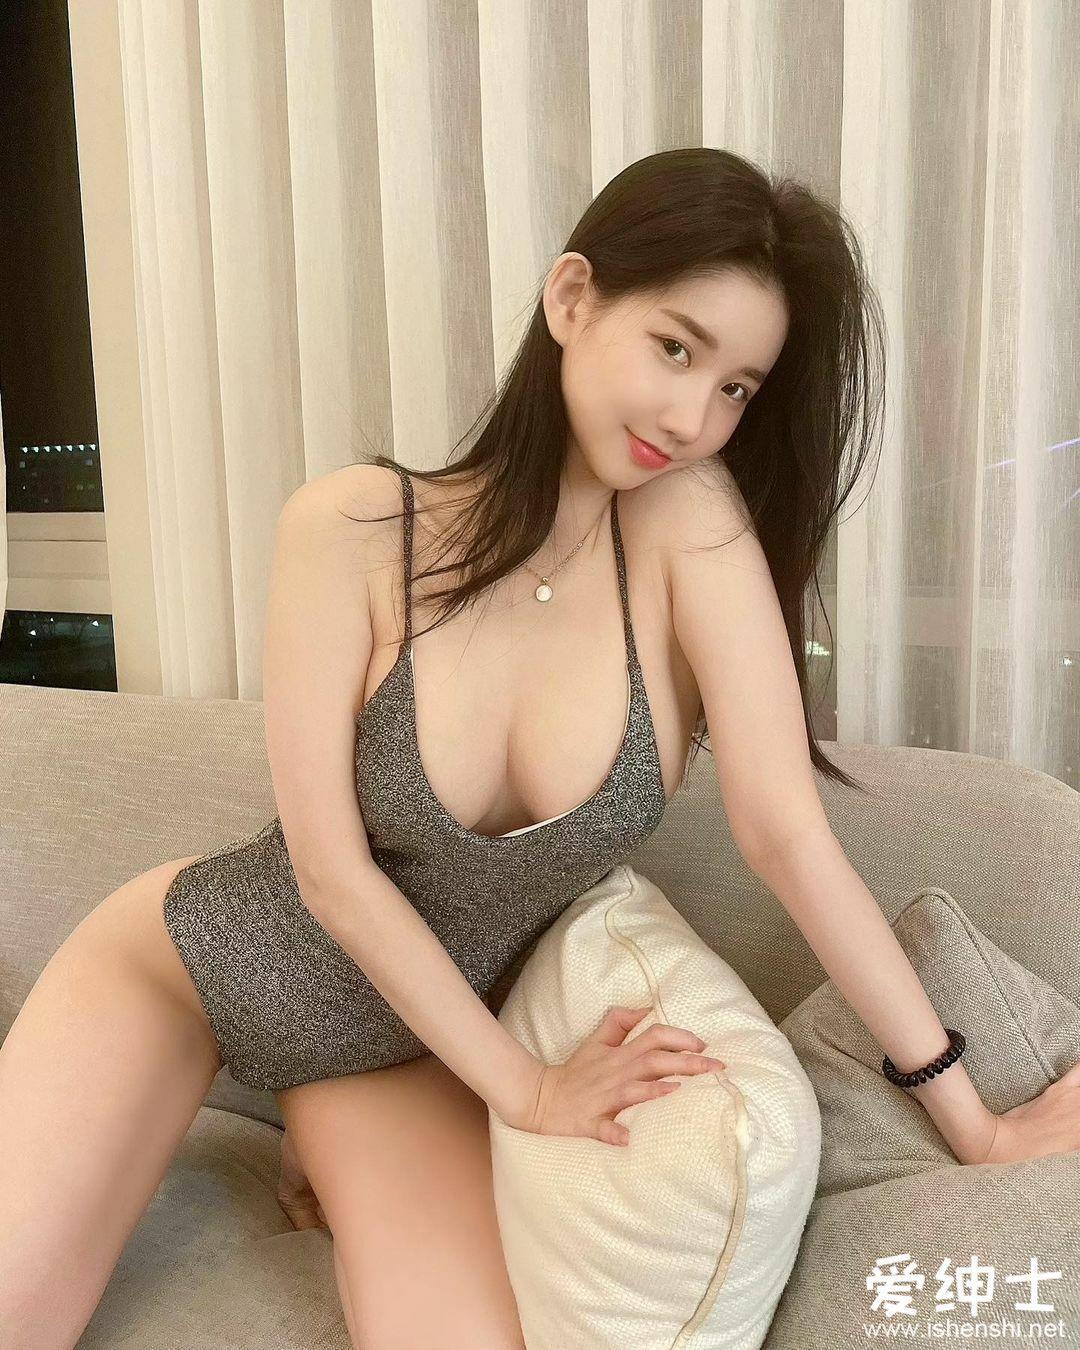 韩国性感美女DJ「MIU」犯规坐姿大秀「爆乳美腿腿」,让人怎么专心工作!